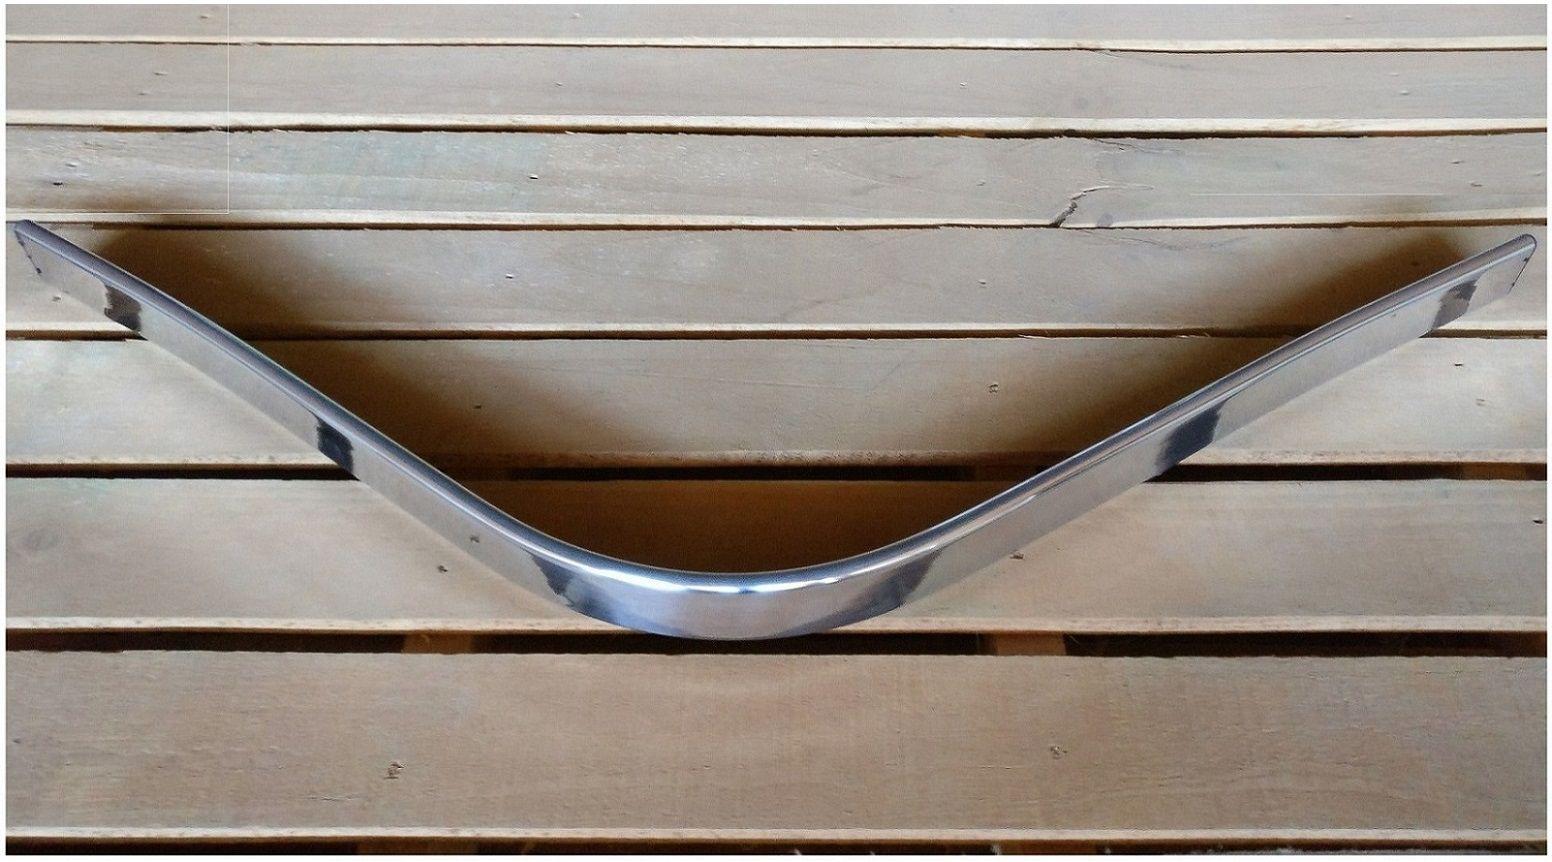 Kit 6 Pares de Braço em Alumínio Com Bucha Para Poltrona